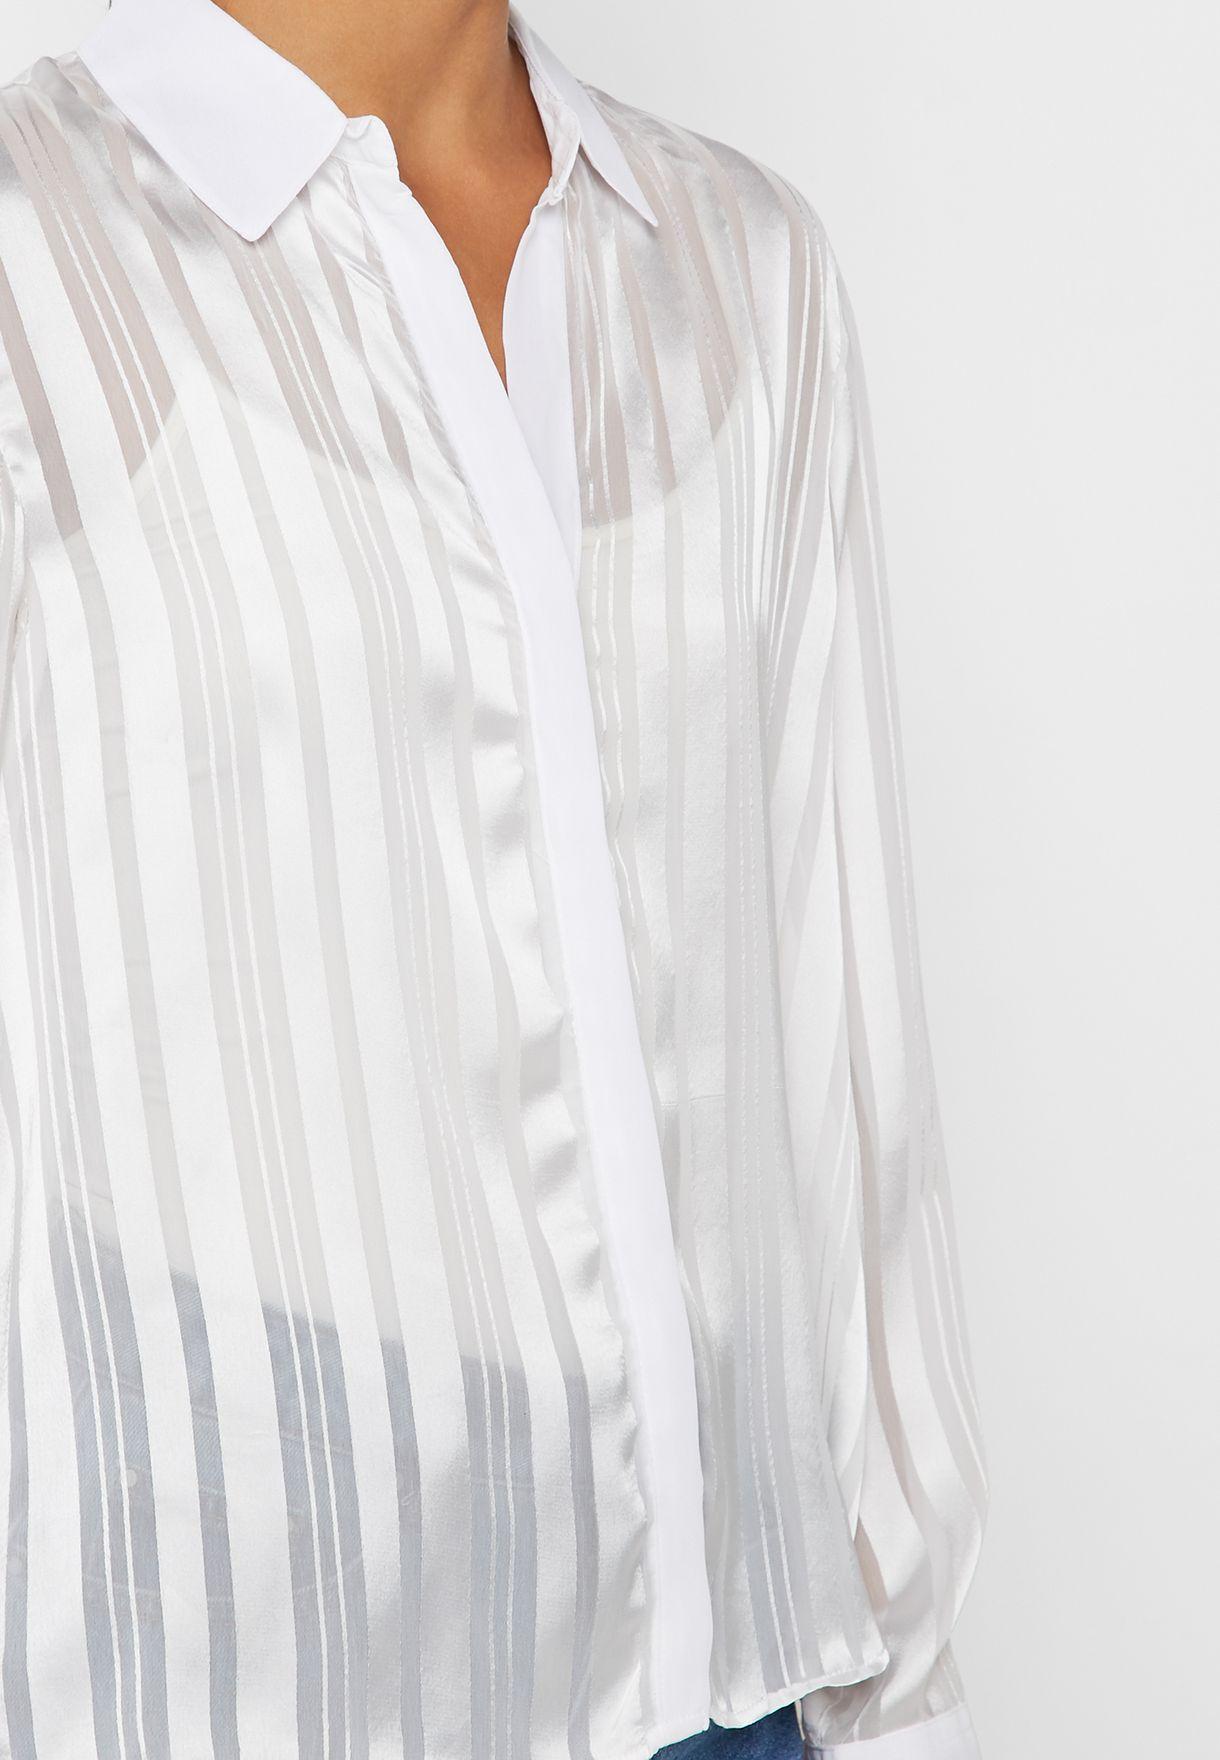 قميص بطبعات خطوط واجزاء شفافة